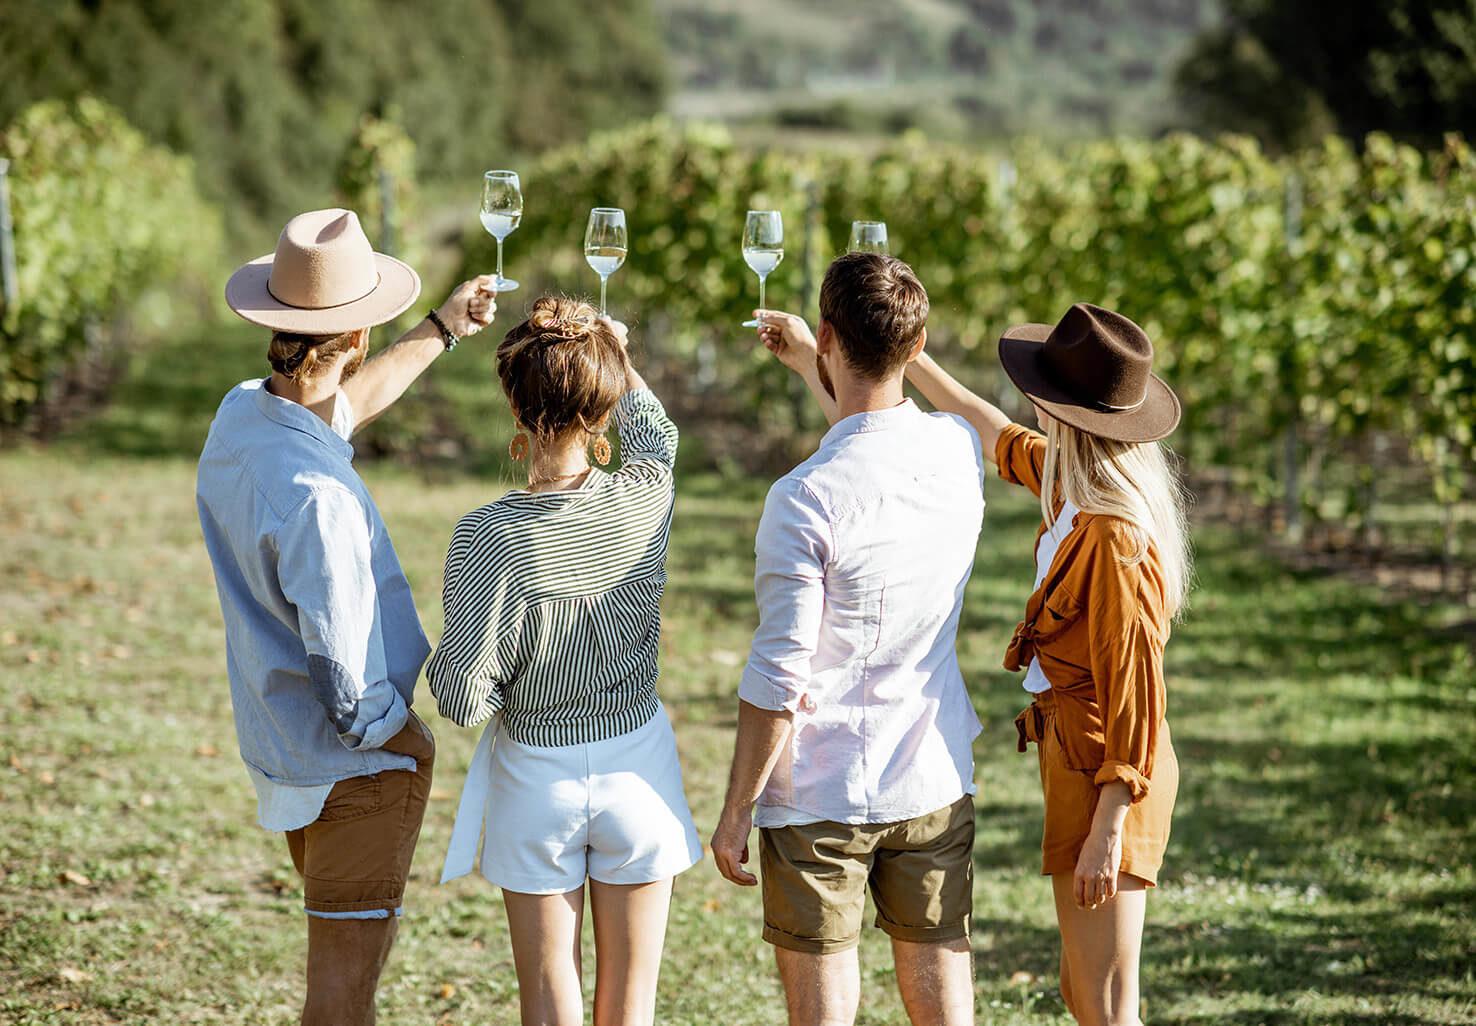 Virginia getaway group at a winery